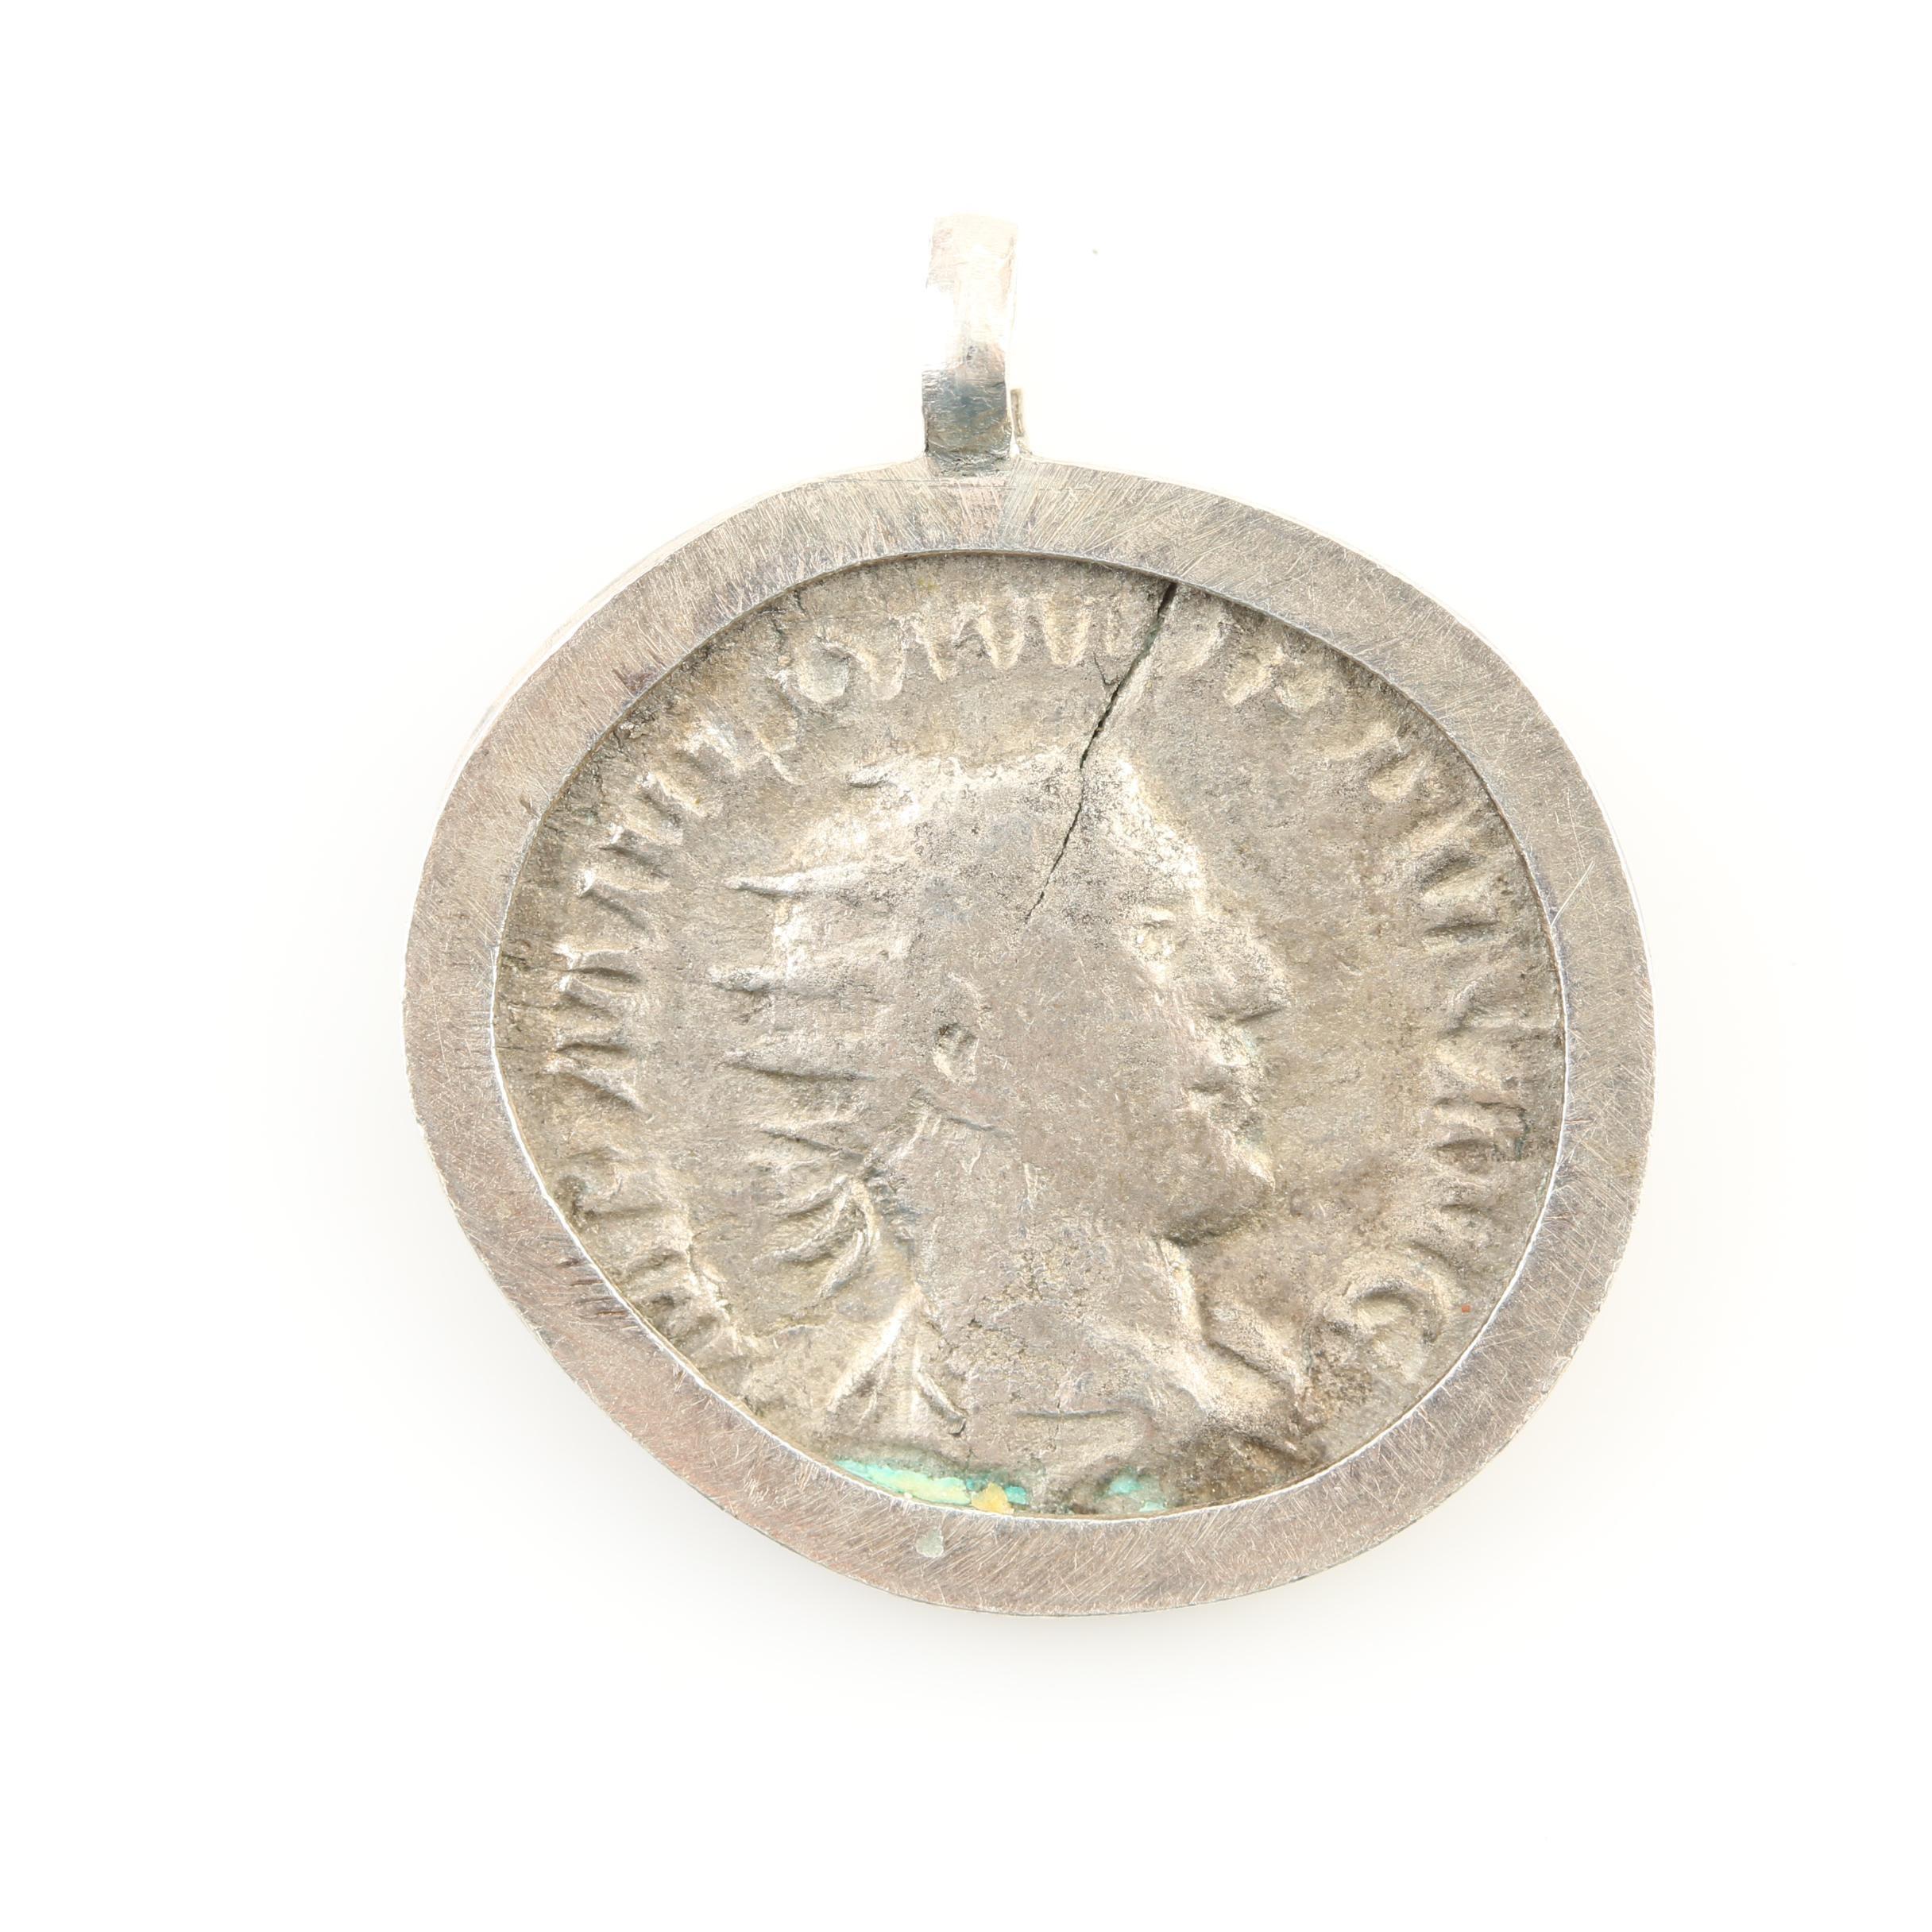 Ancient Roman Imperial Double Denarius of Philip I, ca. 244 AD